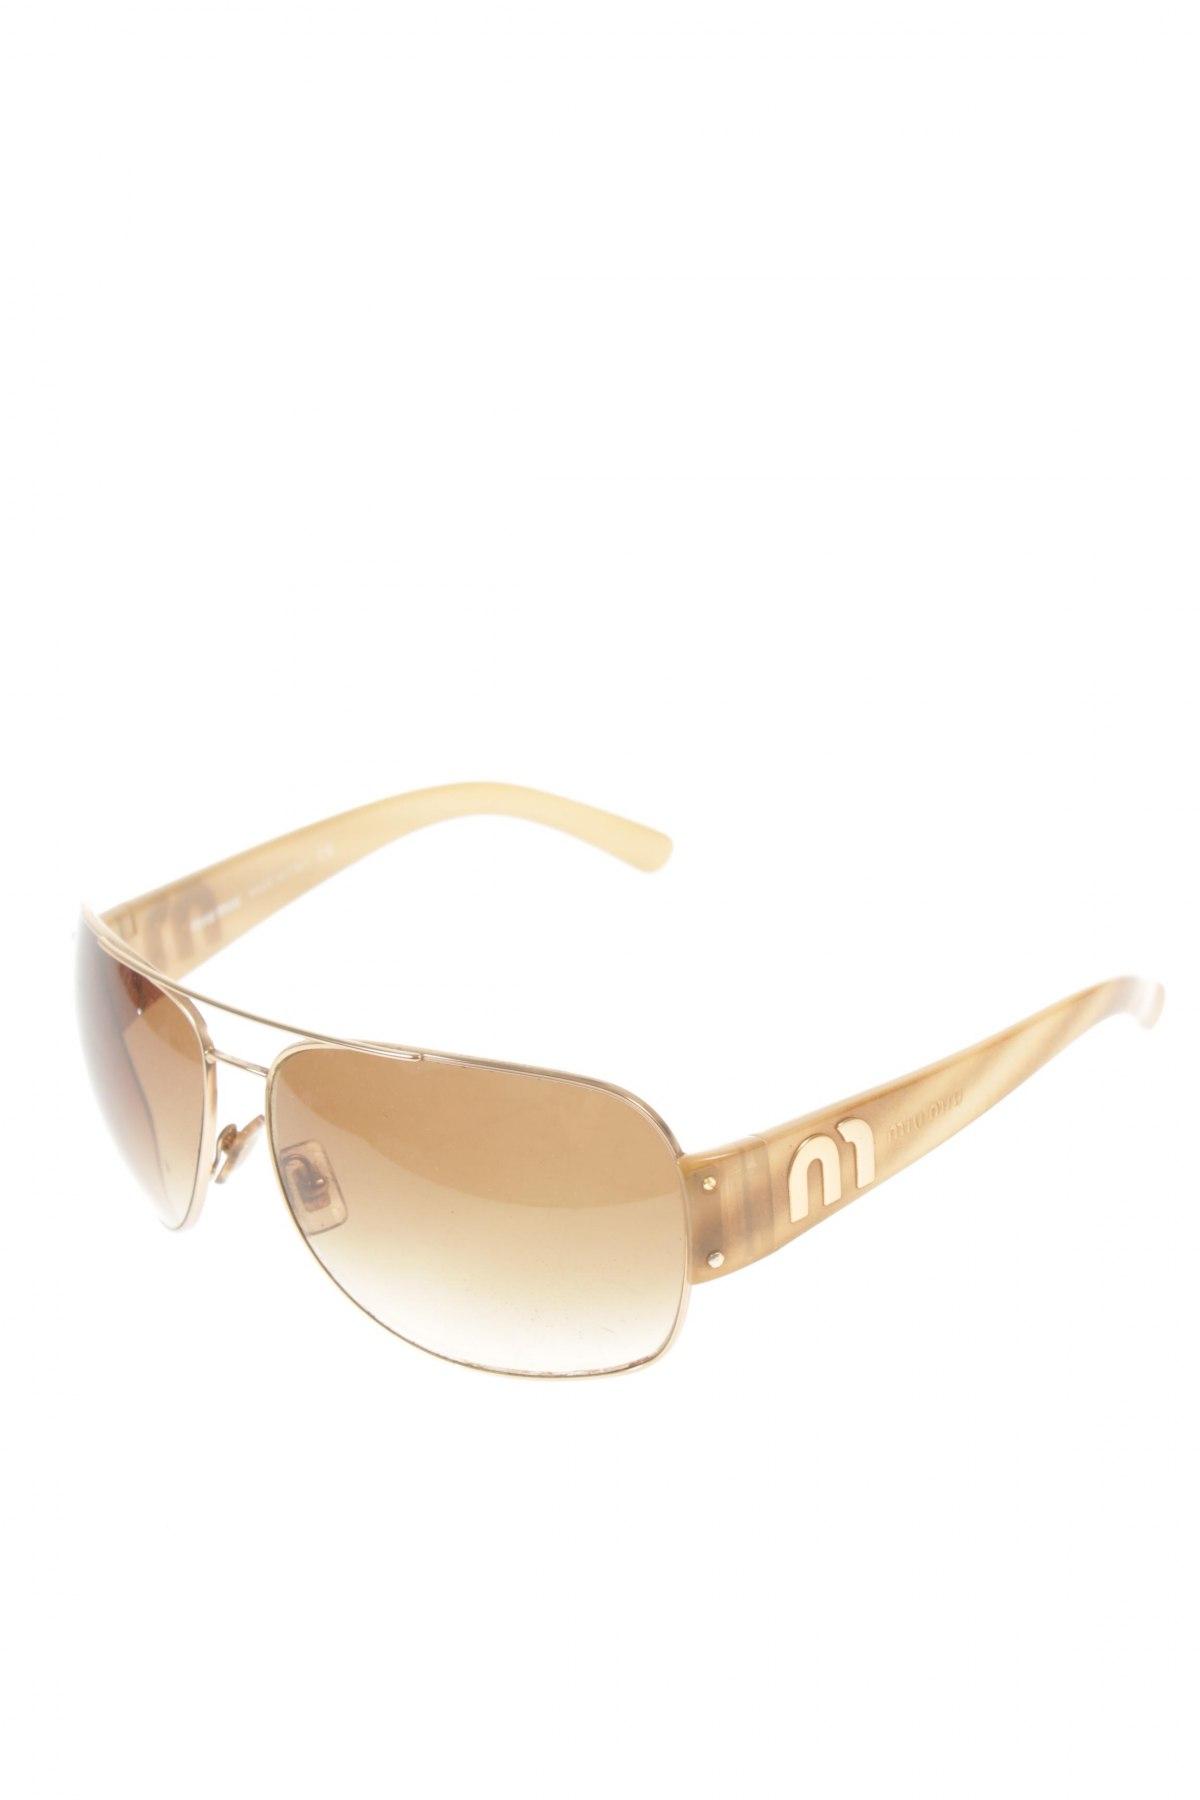 Napszemüvegek Miu Miu - kedvező áron Remixben -  100307547 b52671afc8